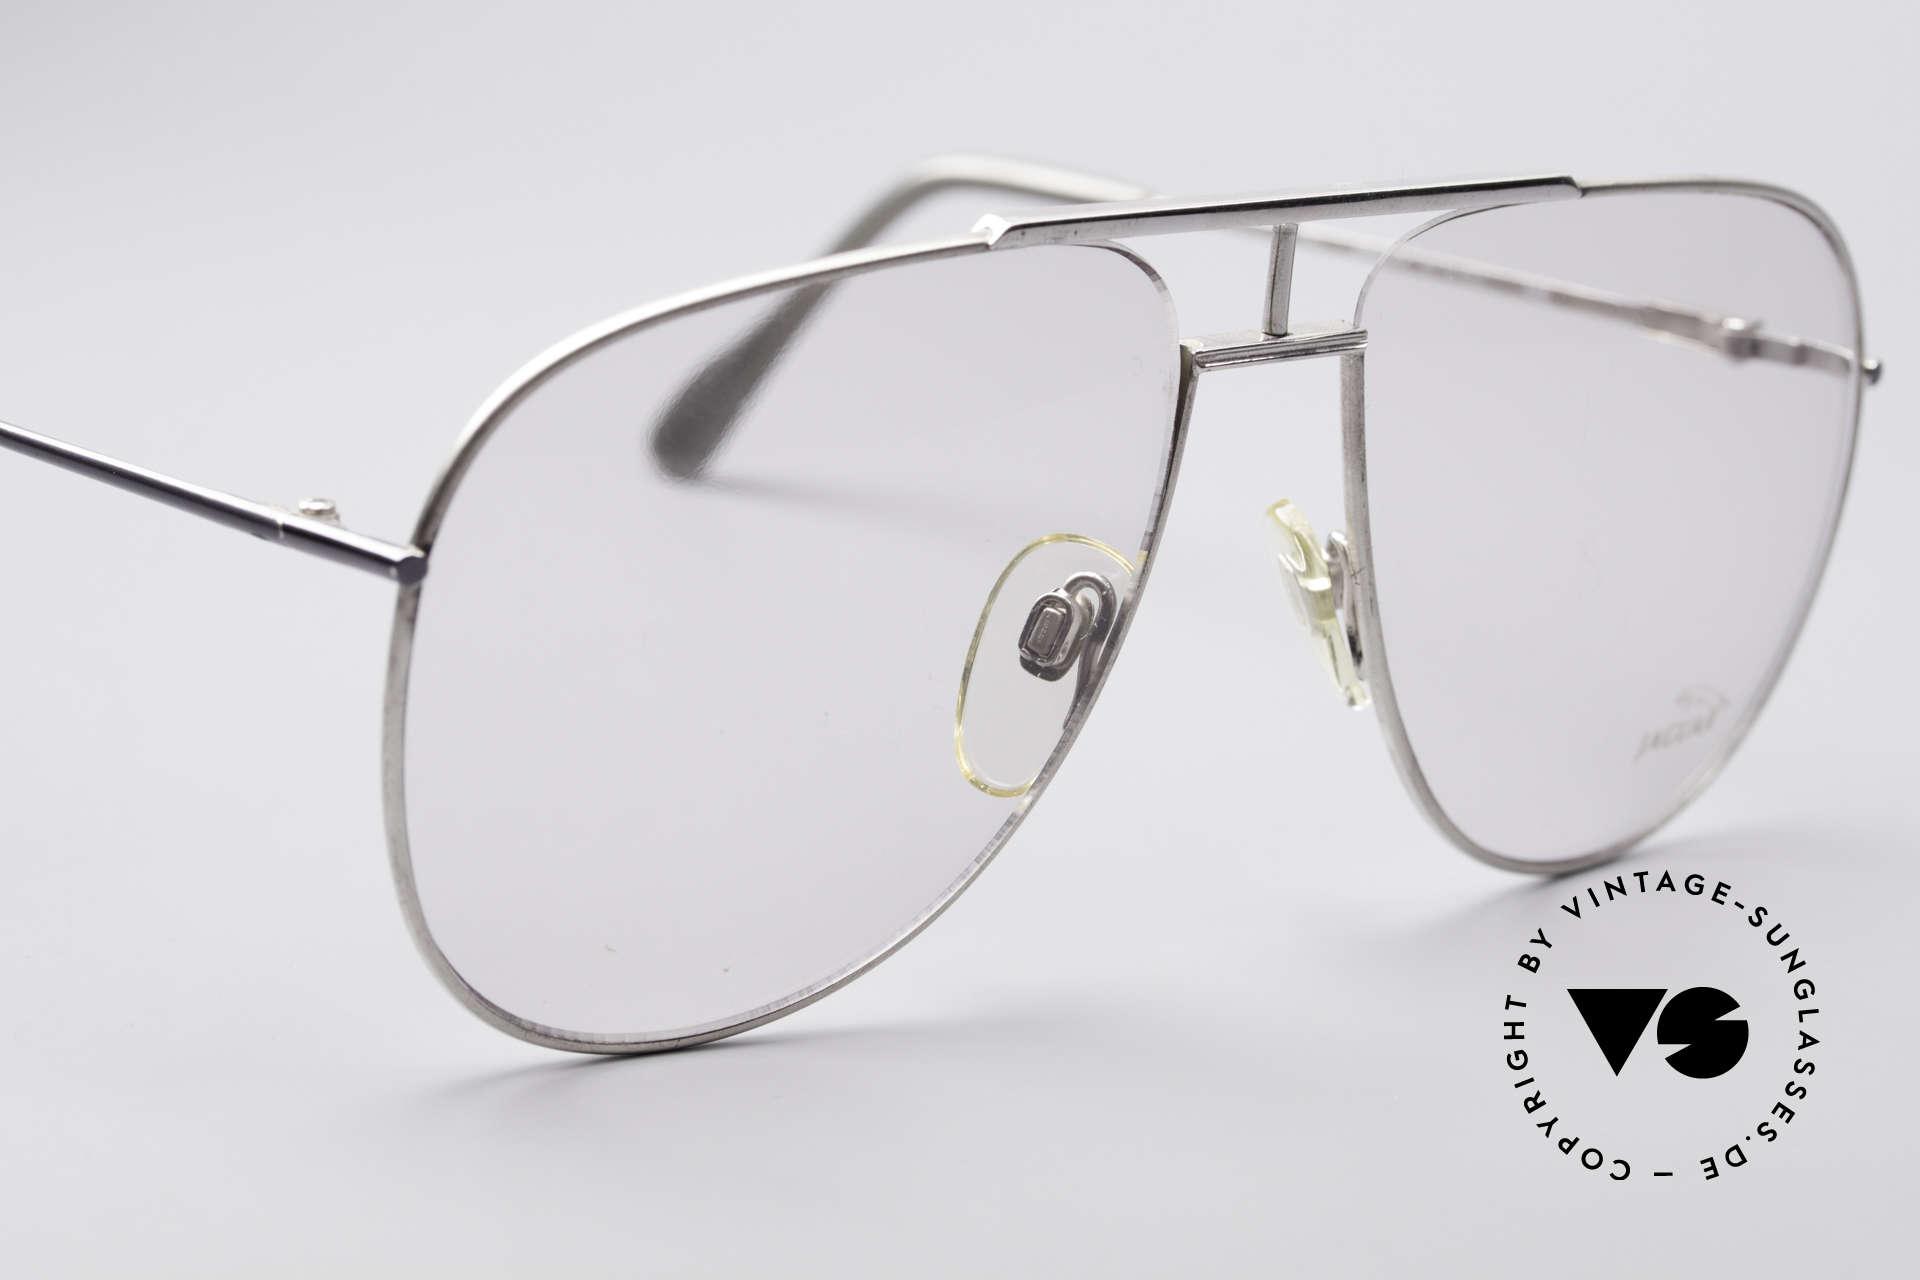 Jaguar 327 80er Vintage Herren Brille, KEINE RETROBrille, sondern ein 80er Original!, Passend für Herren